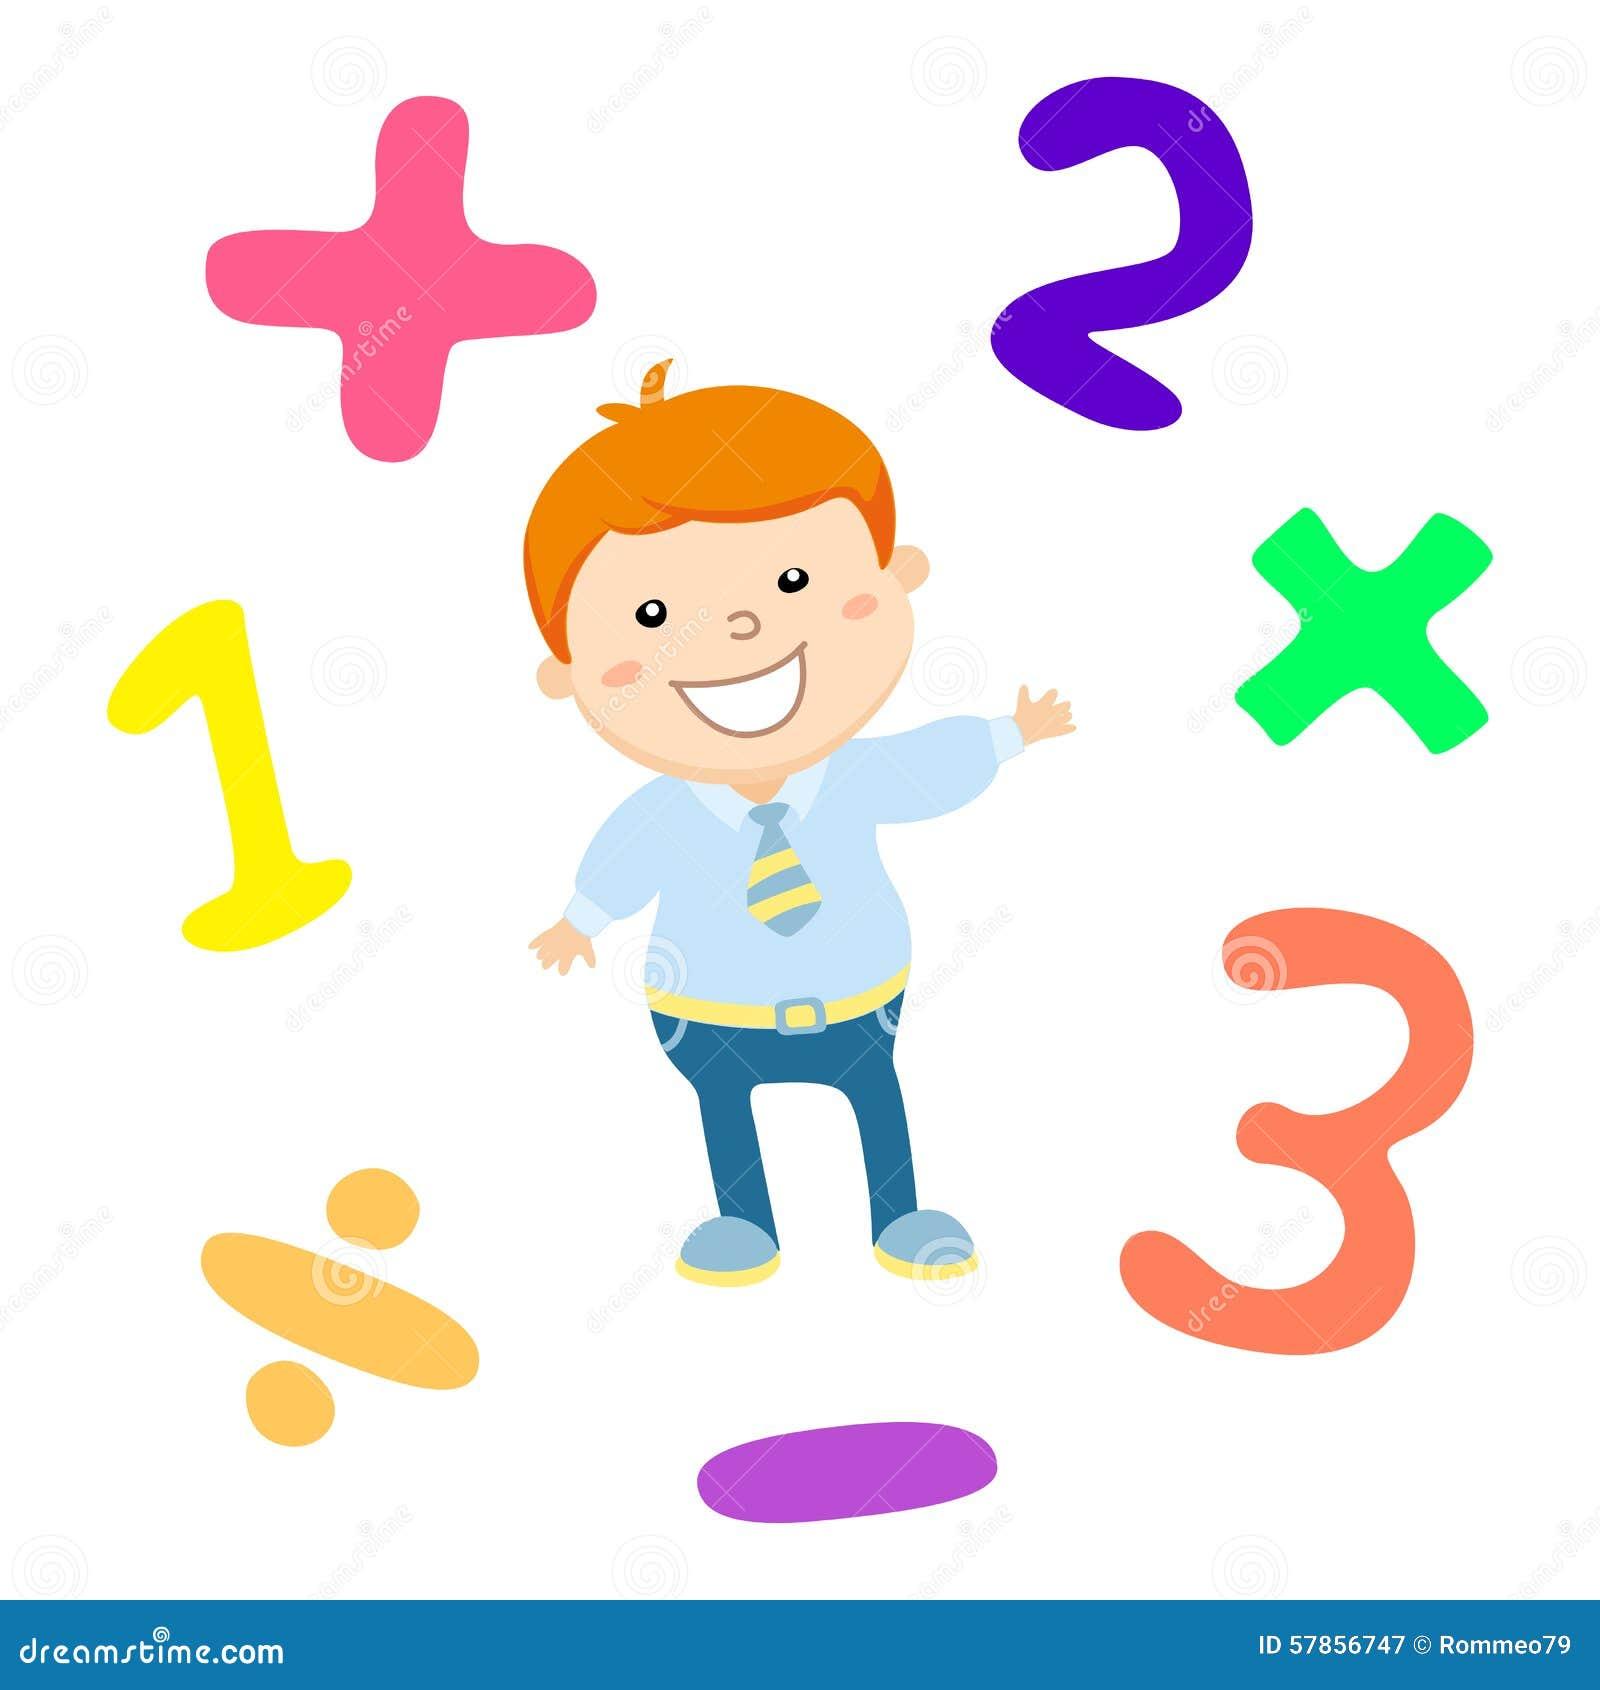 Machine Learning Coursera  Matrix Matrix Multiplication